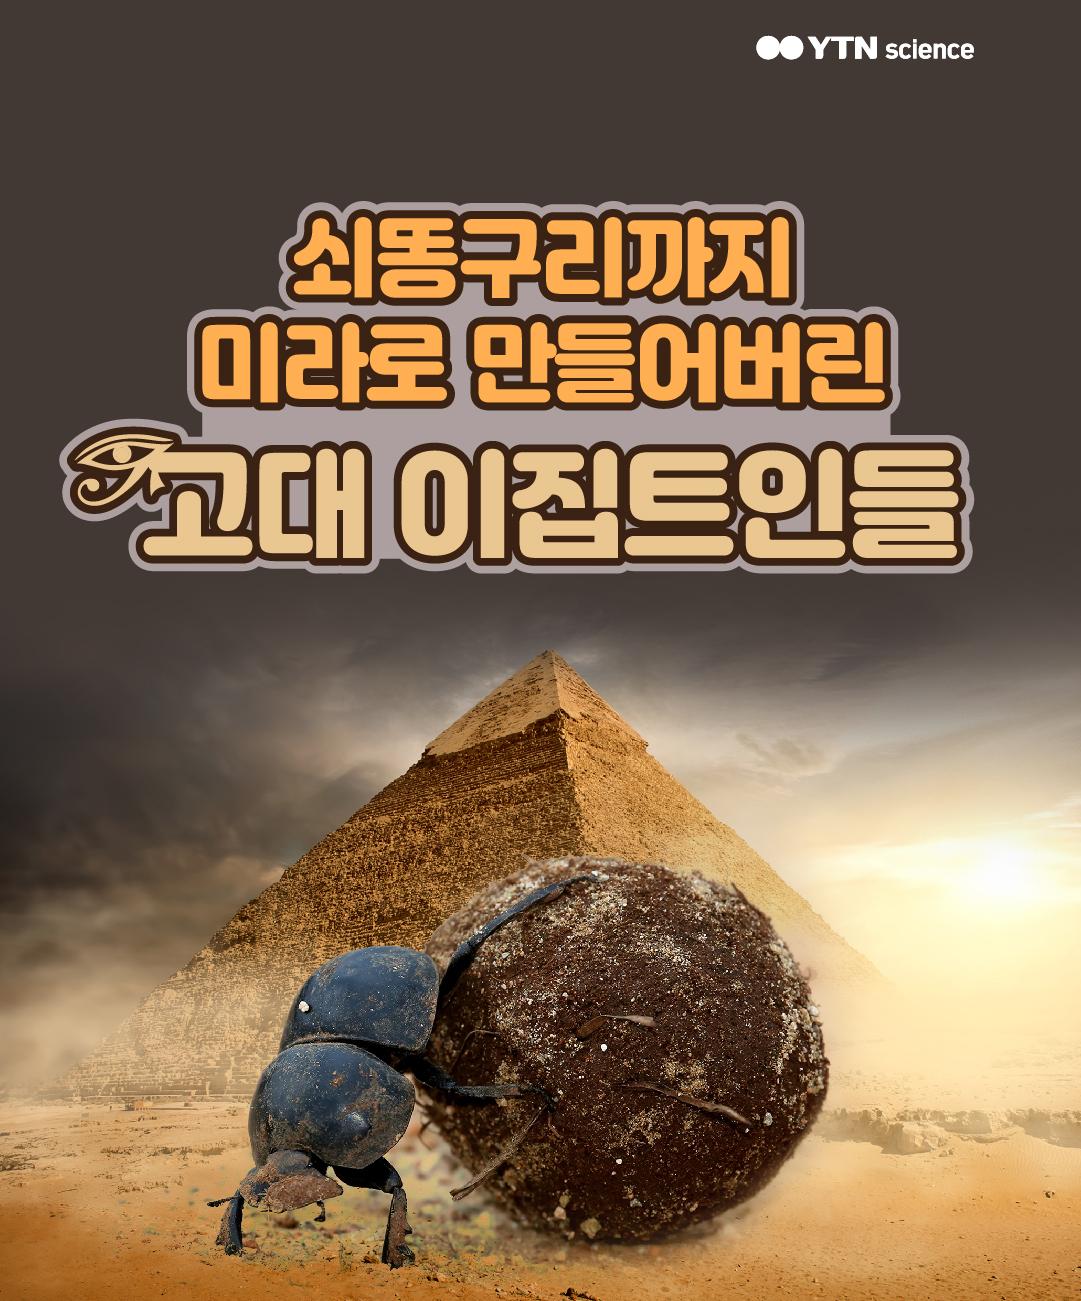 쇠똥구리까지 미라로 만들어버린 고대 이집트인들 이미지